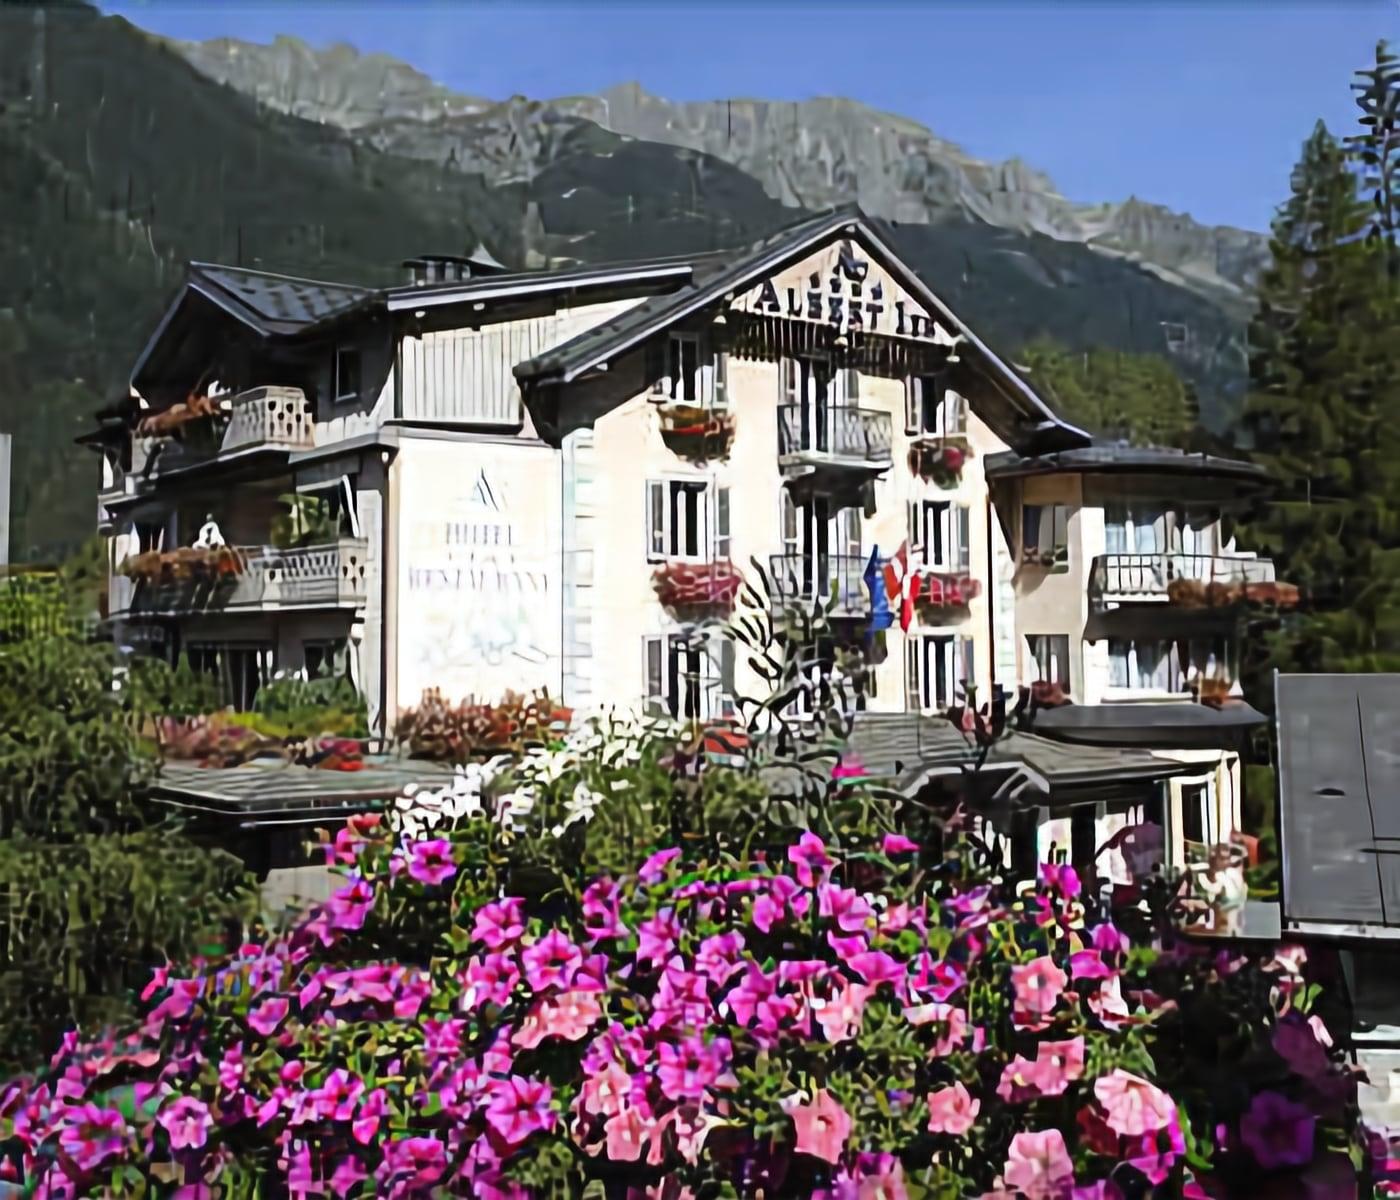 Le Hameau Albert 1er, Haute-Savoie